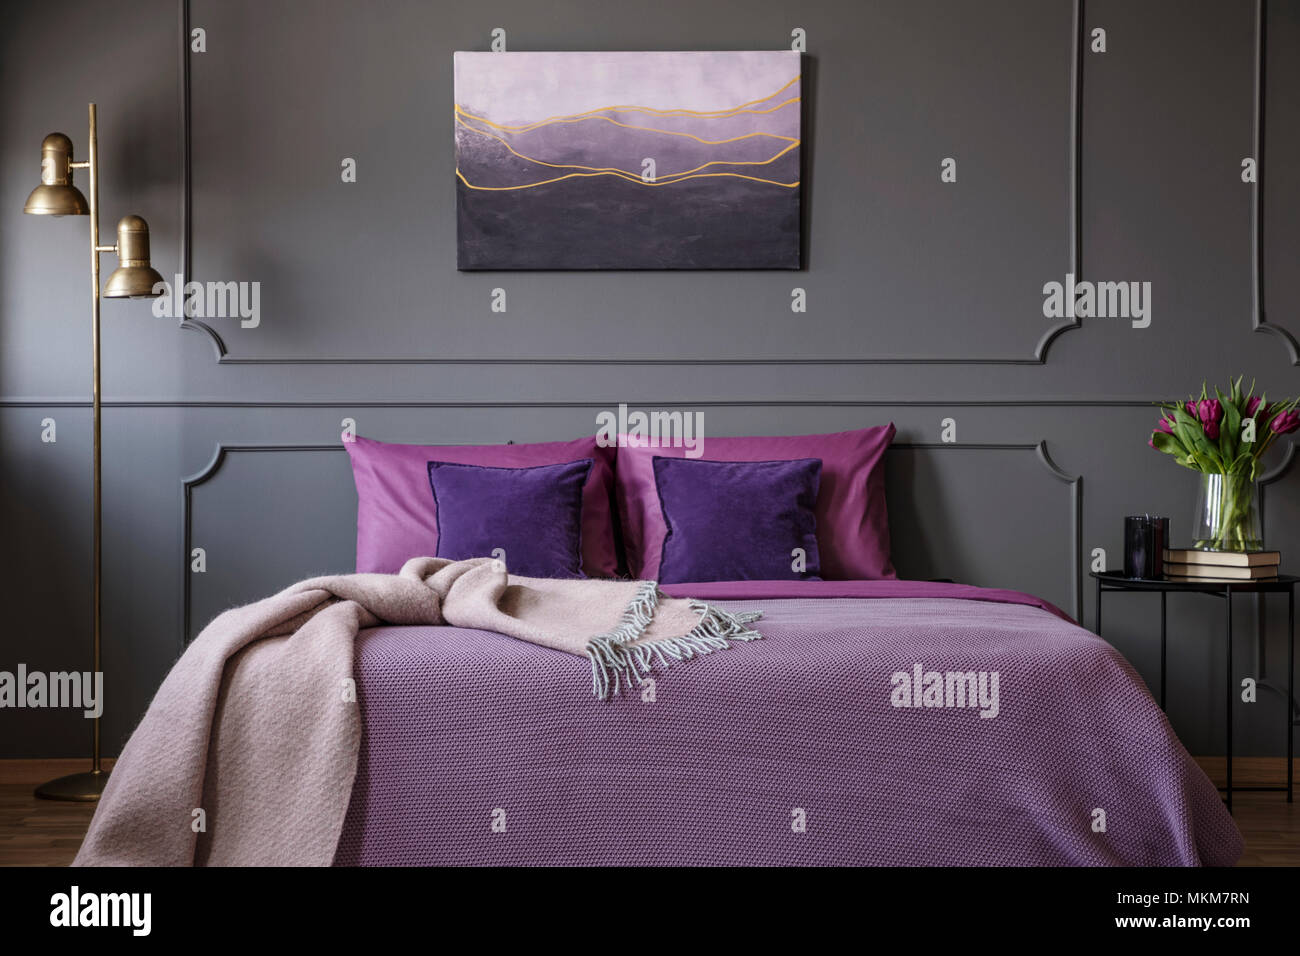 Couverture Rose Sur Violet Lit Dans Une Chambre élégante Avec Intérieur  Peinture Sur Mur Gris Au Moulage